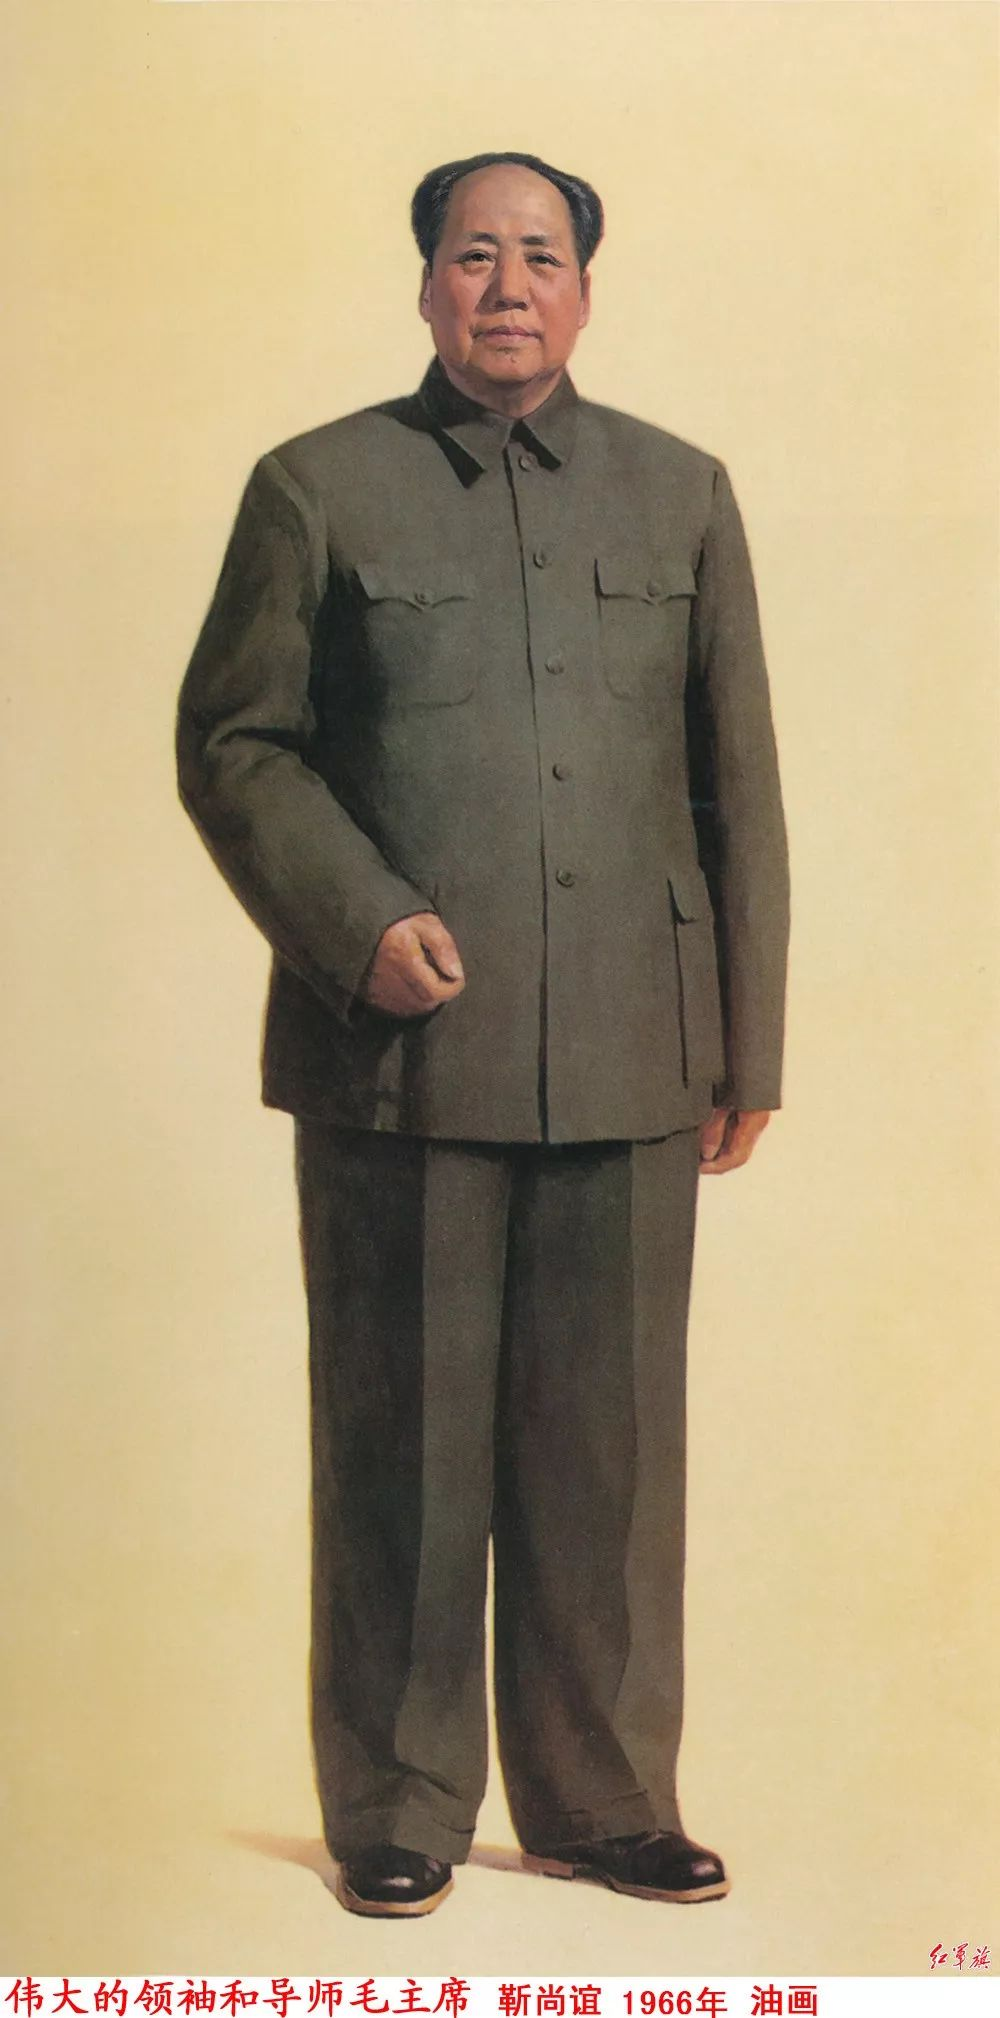 画家笔下的毛主席 缅怀毛主席逝世43周年插图1